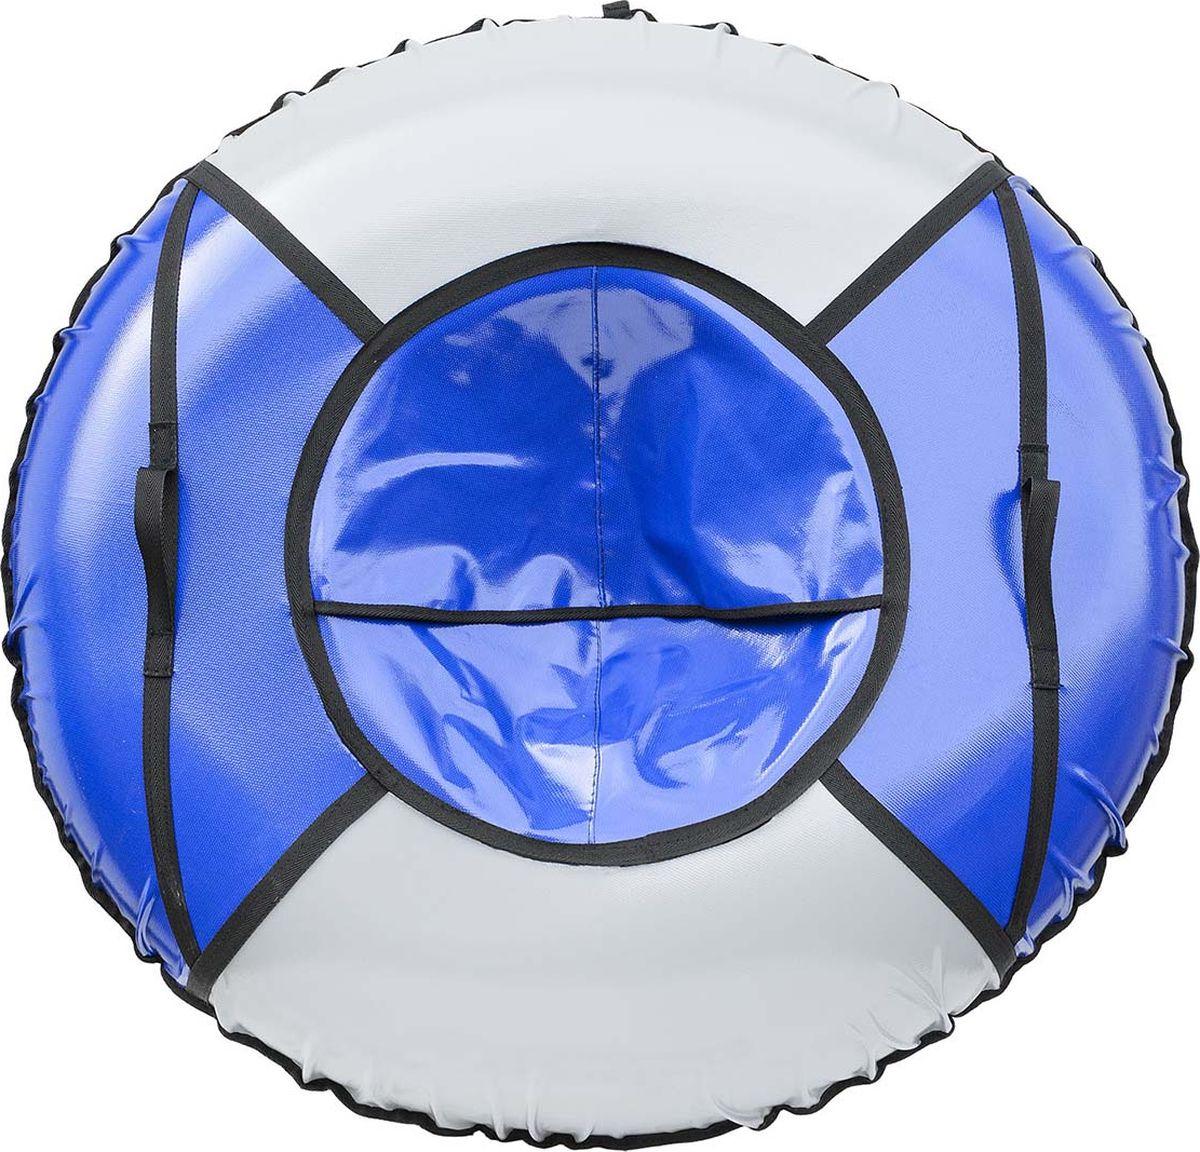 Тюбинг Эх, Прокачу! Профи-4, цвет: серый, синий, диаметр 85 смСП85-4-4Любимая детская зимняя забава - это кататься с горки. А катание на тюбинге Эх, Прокачу! Профи-4 надолго запомнится вам и вашим близким. Свежий воздух, веселая компания, веселые развлечения - эти моменты вы будете вспоминать еще долгое время.Особенности: Материал - ткань ПВХ, плотность 630 г/м2.Диаметр в надутом виде - 85 см.Морозоустойчивость - до -45 градусов.Камера российского производства, буксировочный ремень. Тюбинг не предназначен для буксировки механическими или транспортными средствами (подъемники, канатные дороги, лебедки, автомобиль, снегоход, квадроцикл и т.д.).Допускается деформация формы санок из-за неравномерности надувания камеры.